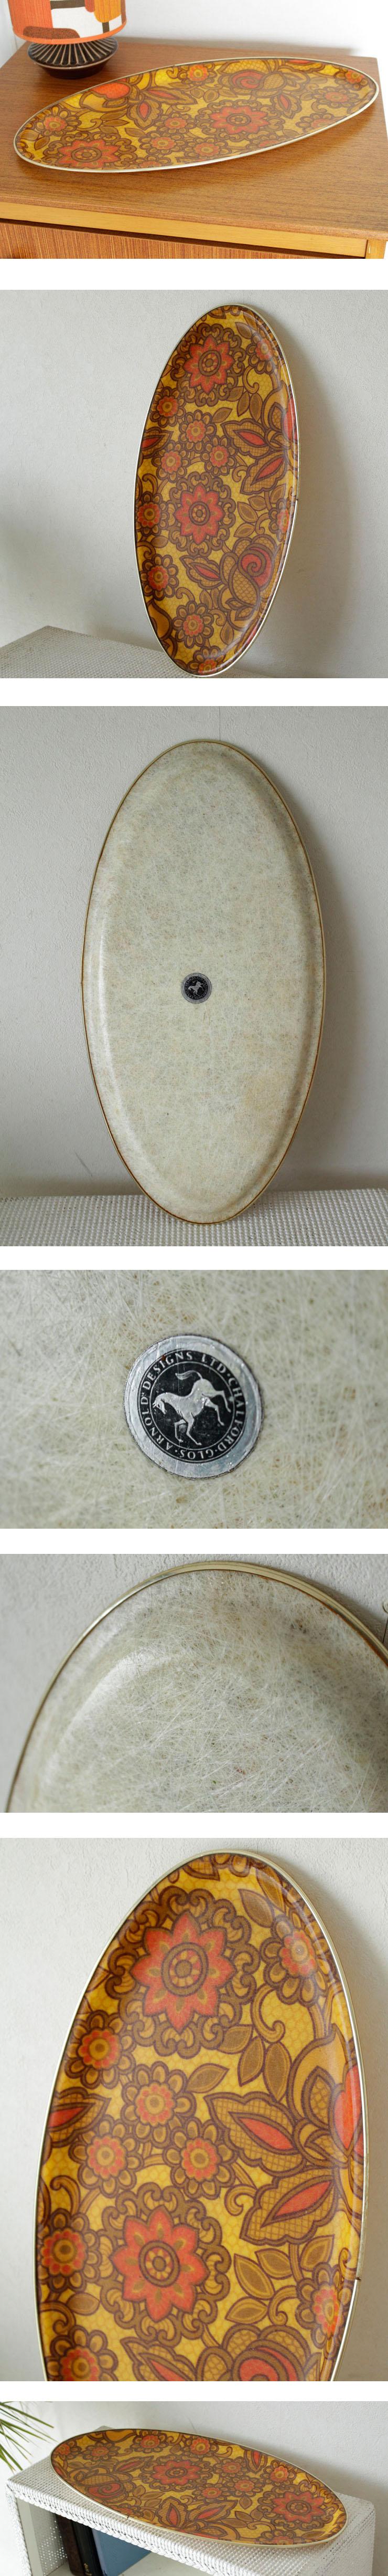 トレー・おぼん・ビンテージ・アンティーク・ブロカント・イギリス